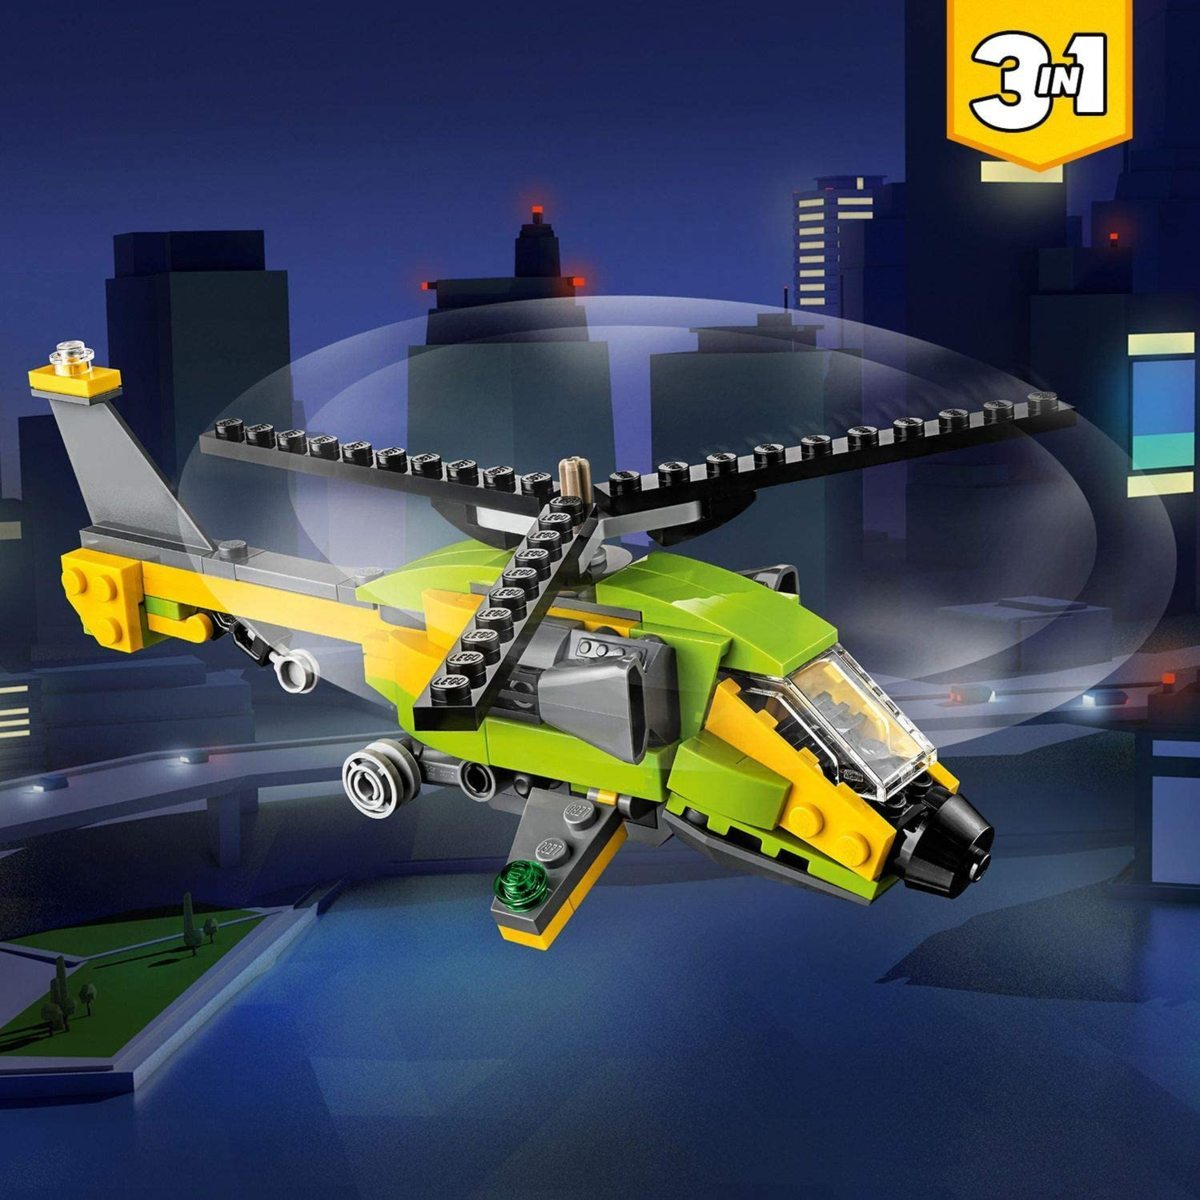 レゴ(LEGO) クリエイター ヘリコプター・アドベンチャー 31092 知育玩具 ブロック おもちゃ 女の子 男の子_画像3